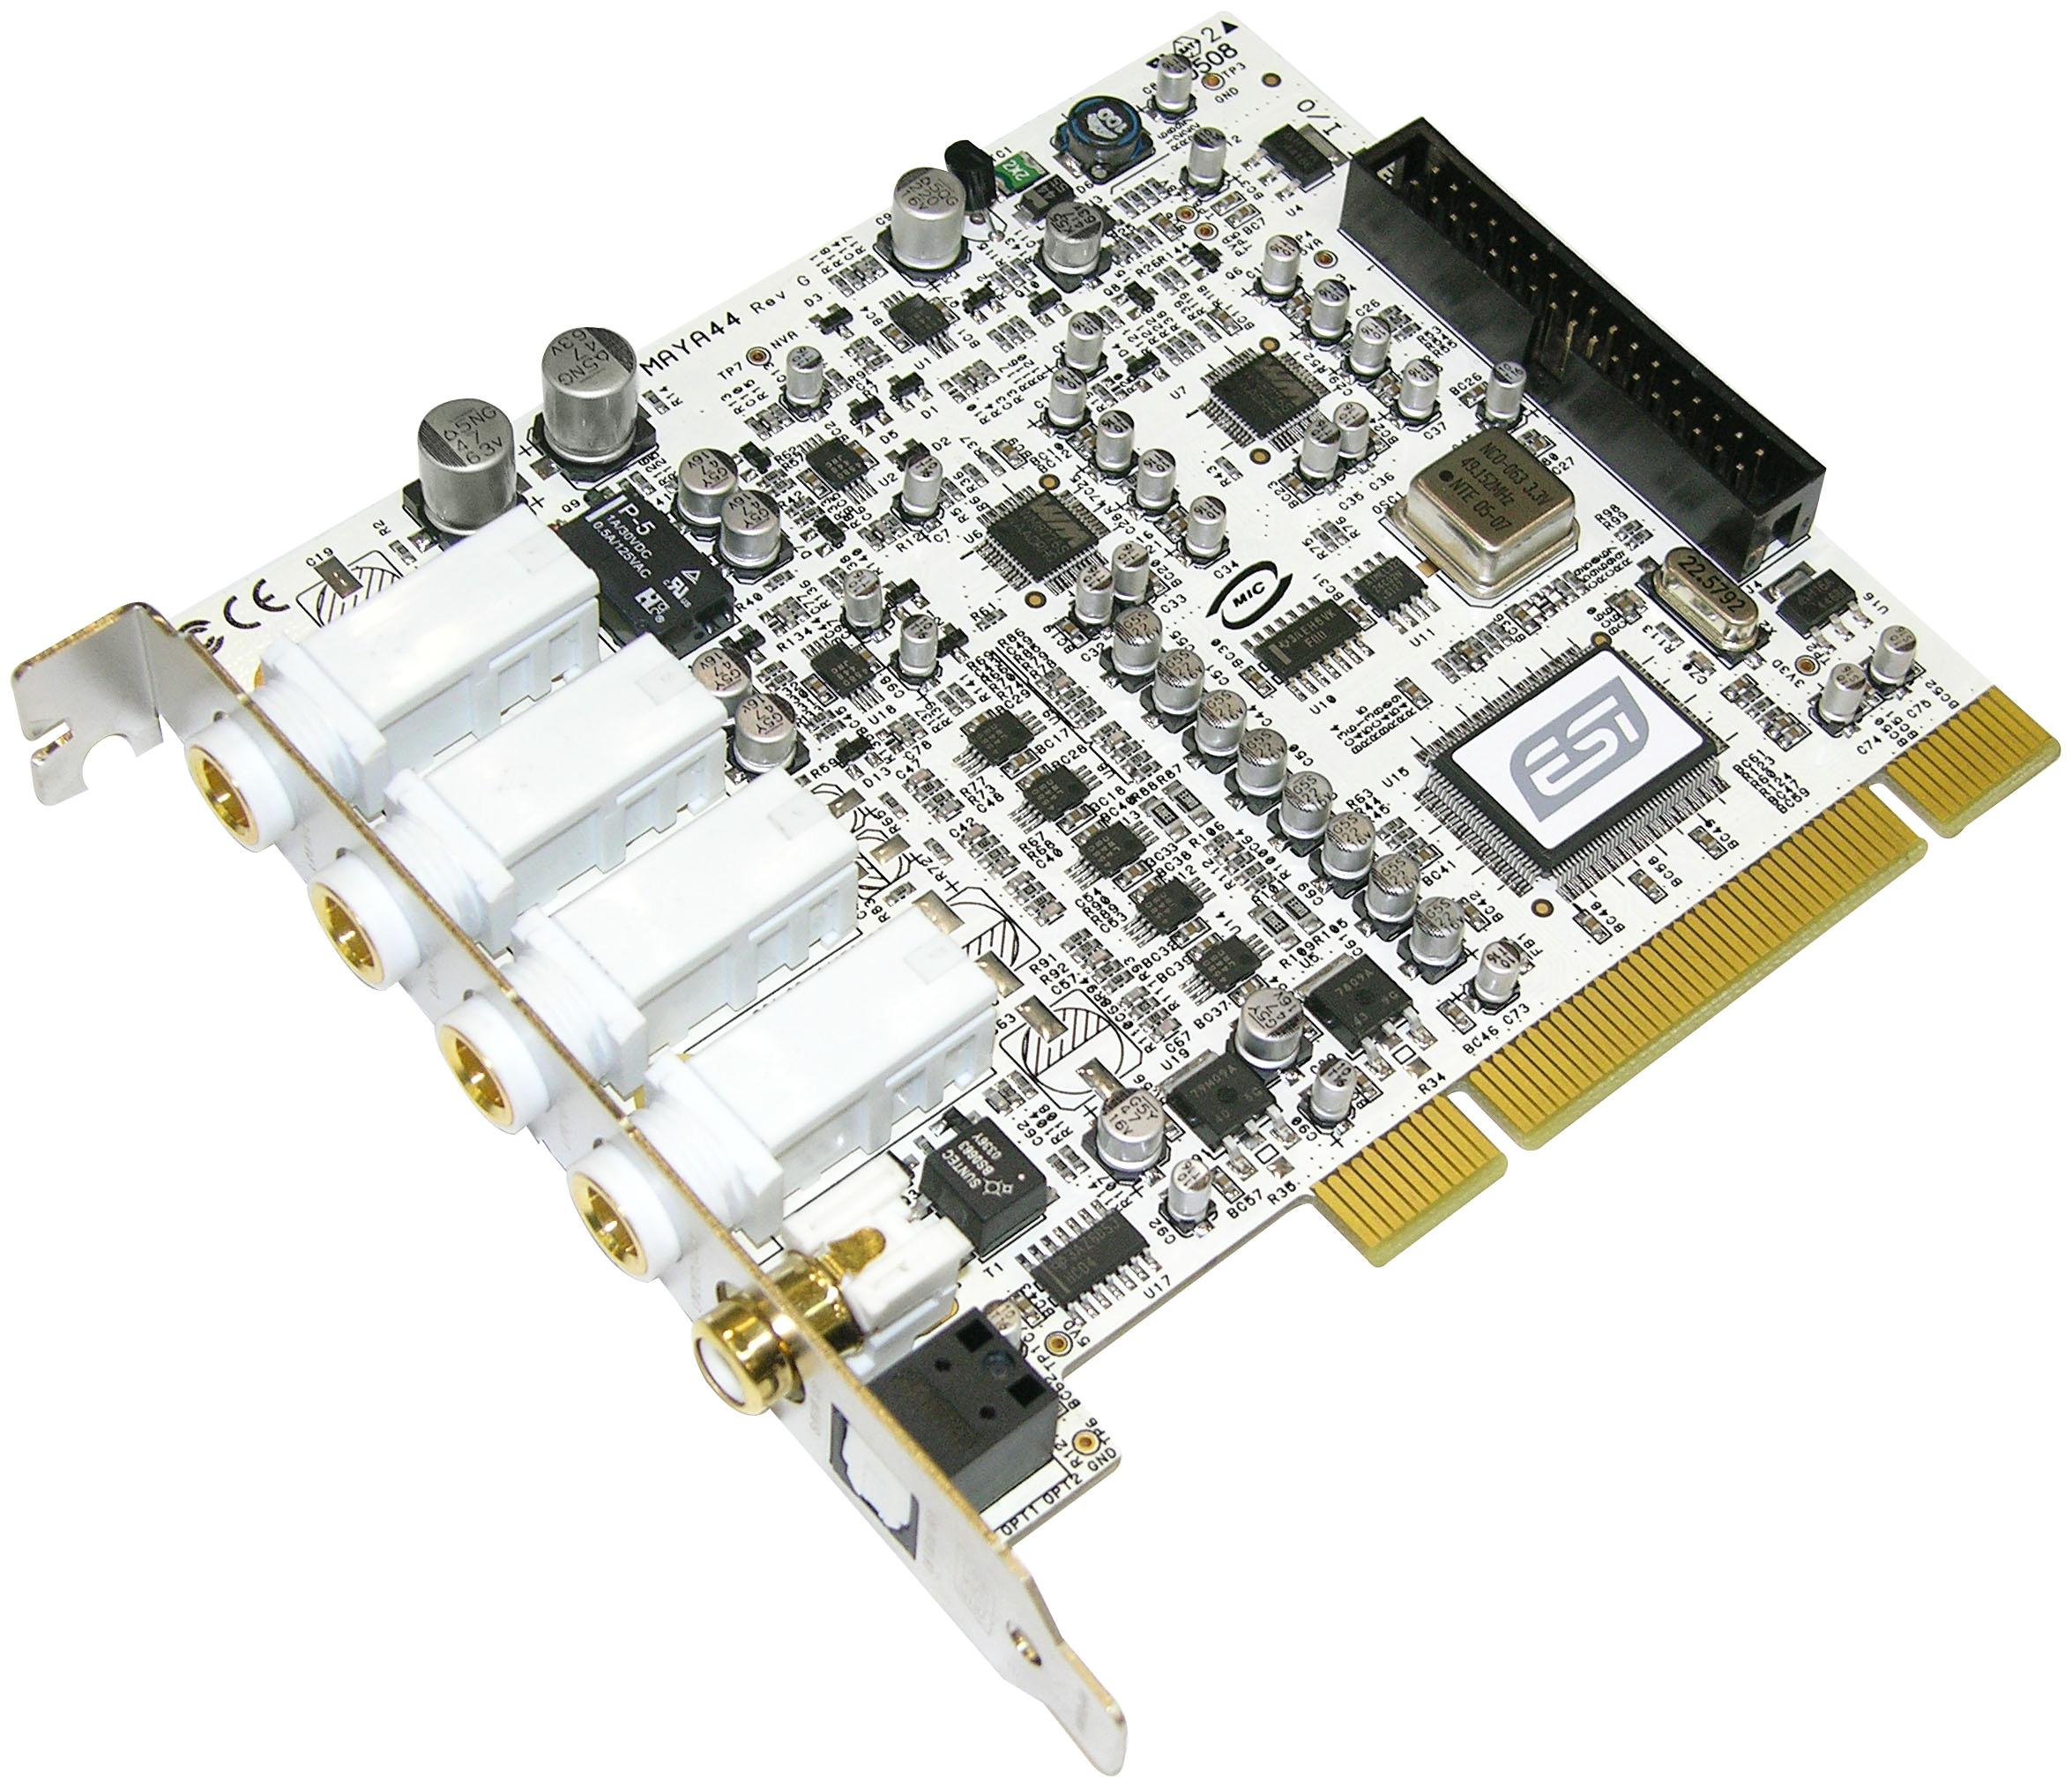 ESI MAYA 44 USB USB Audio Interface